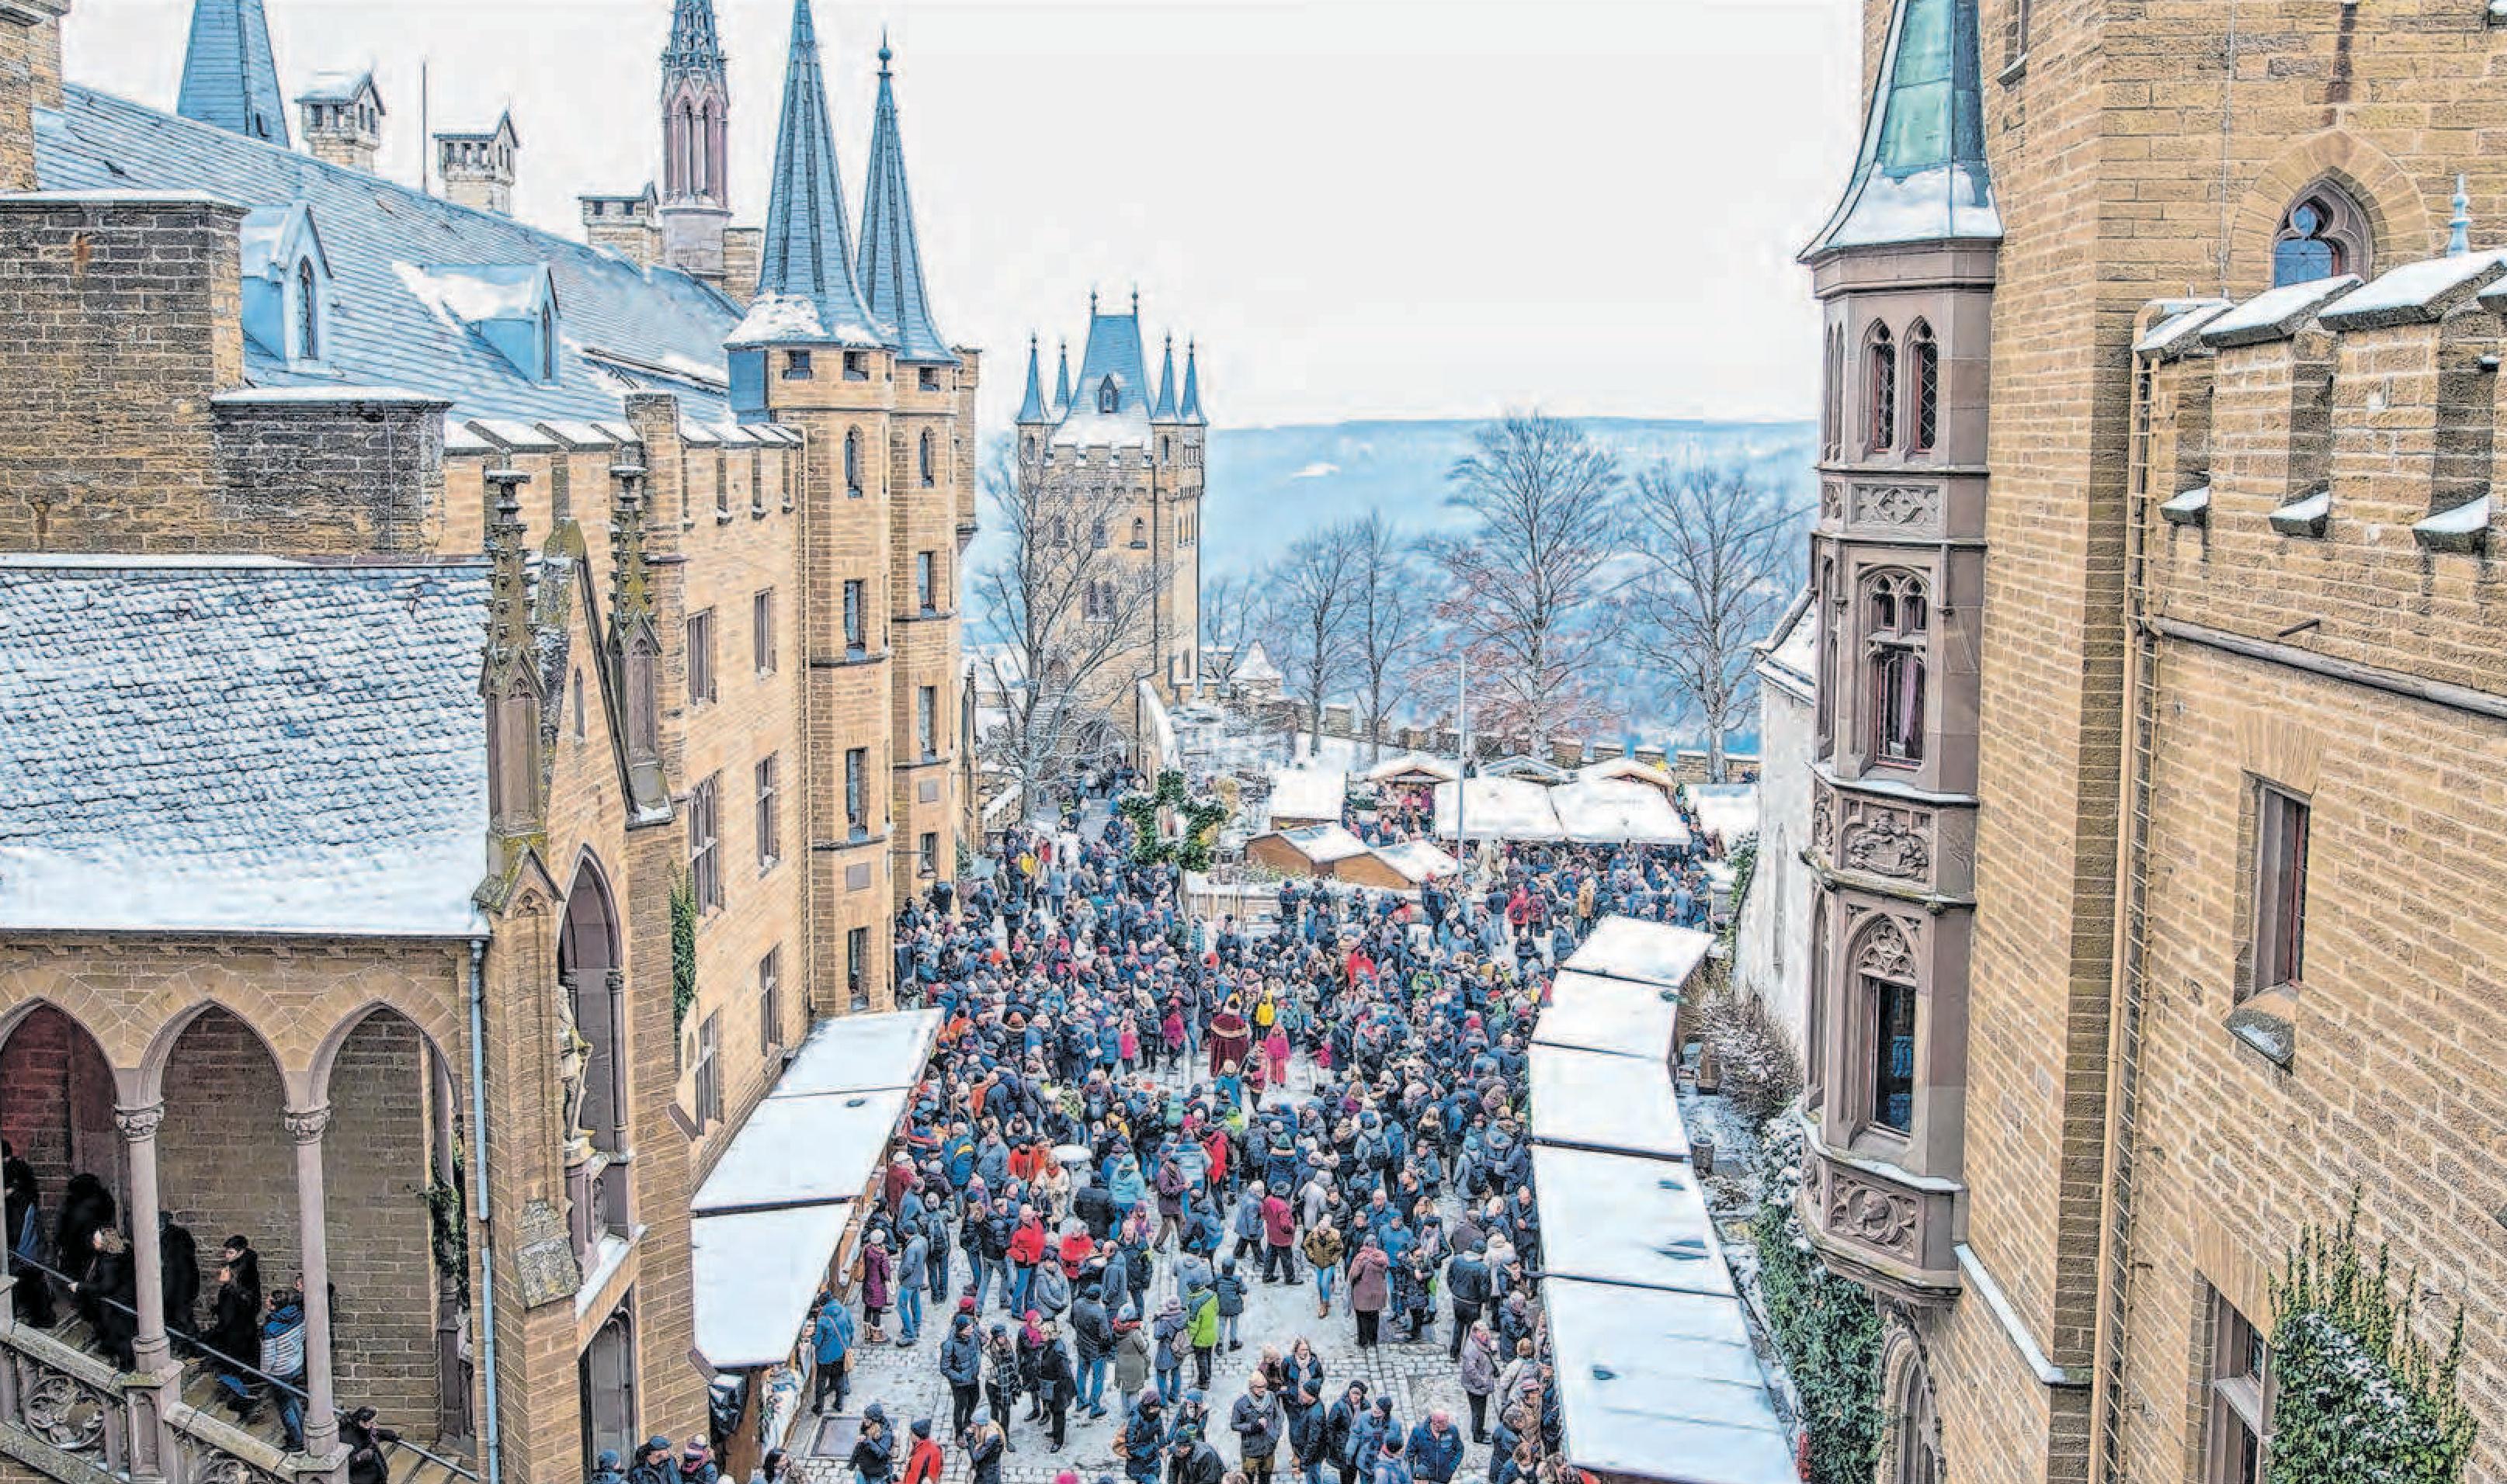 Koniglicher Weihnachtsmarkt Auf Der Burg Hohenzollern Advent